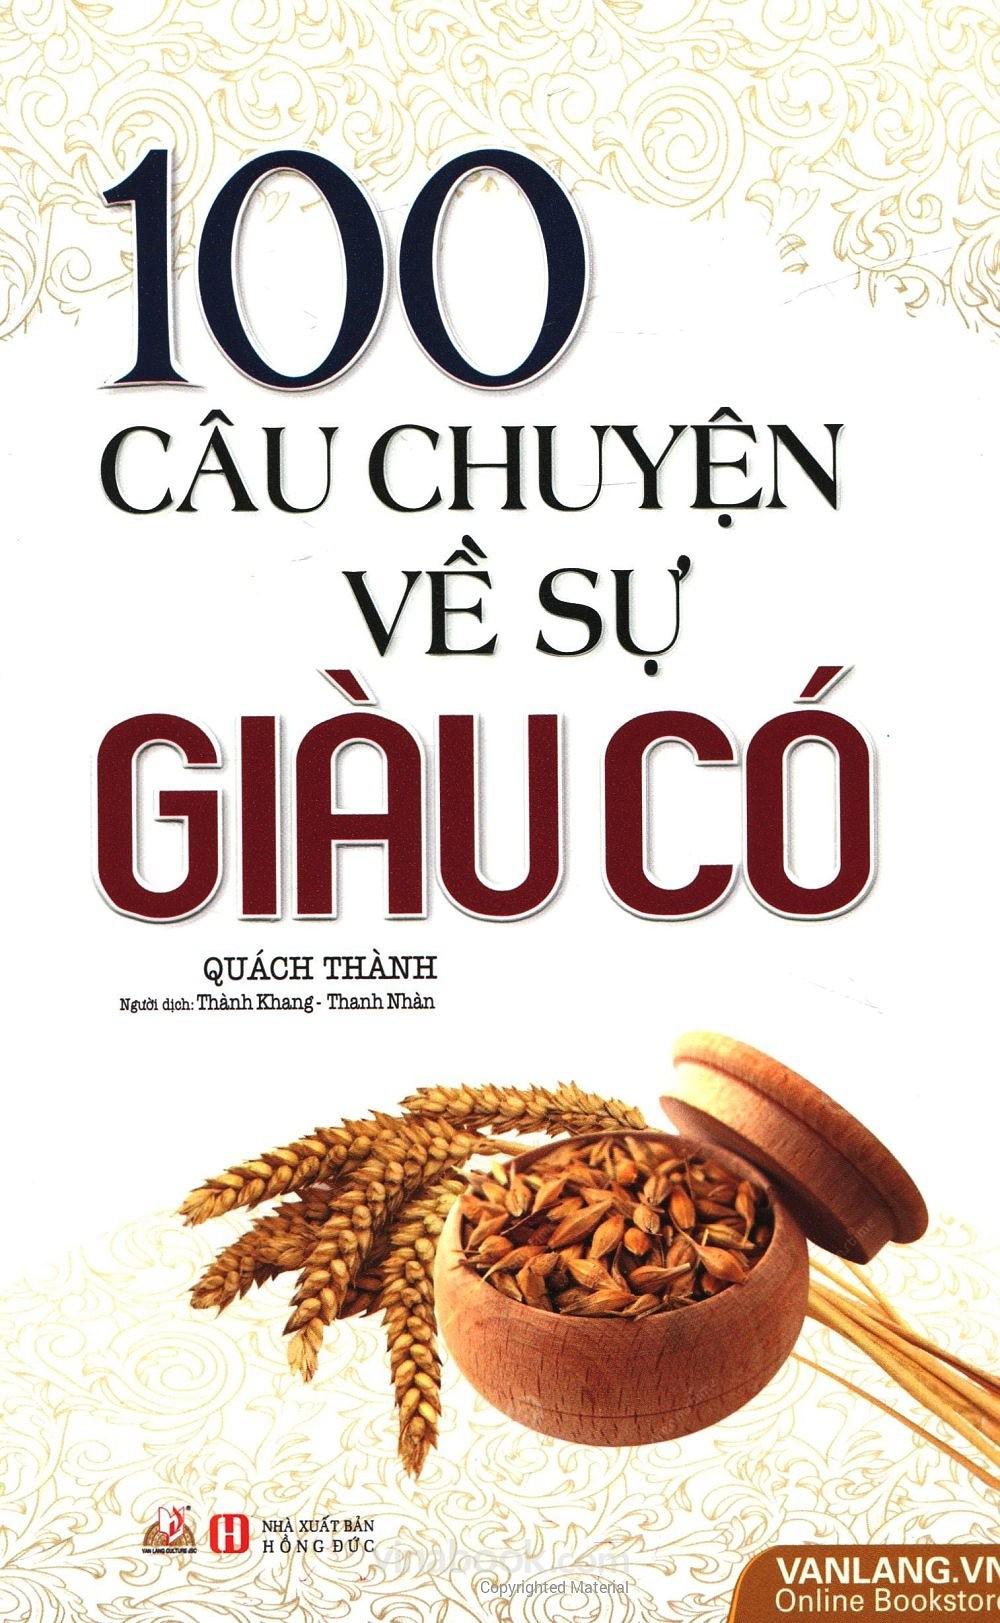 100 Câu Chuyện Về Sự Giàu Có - EBOOK/PDF/PRC/EPUB